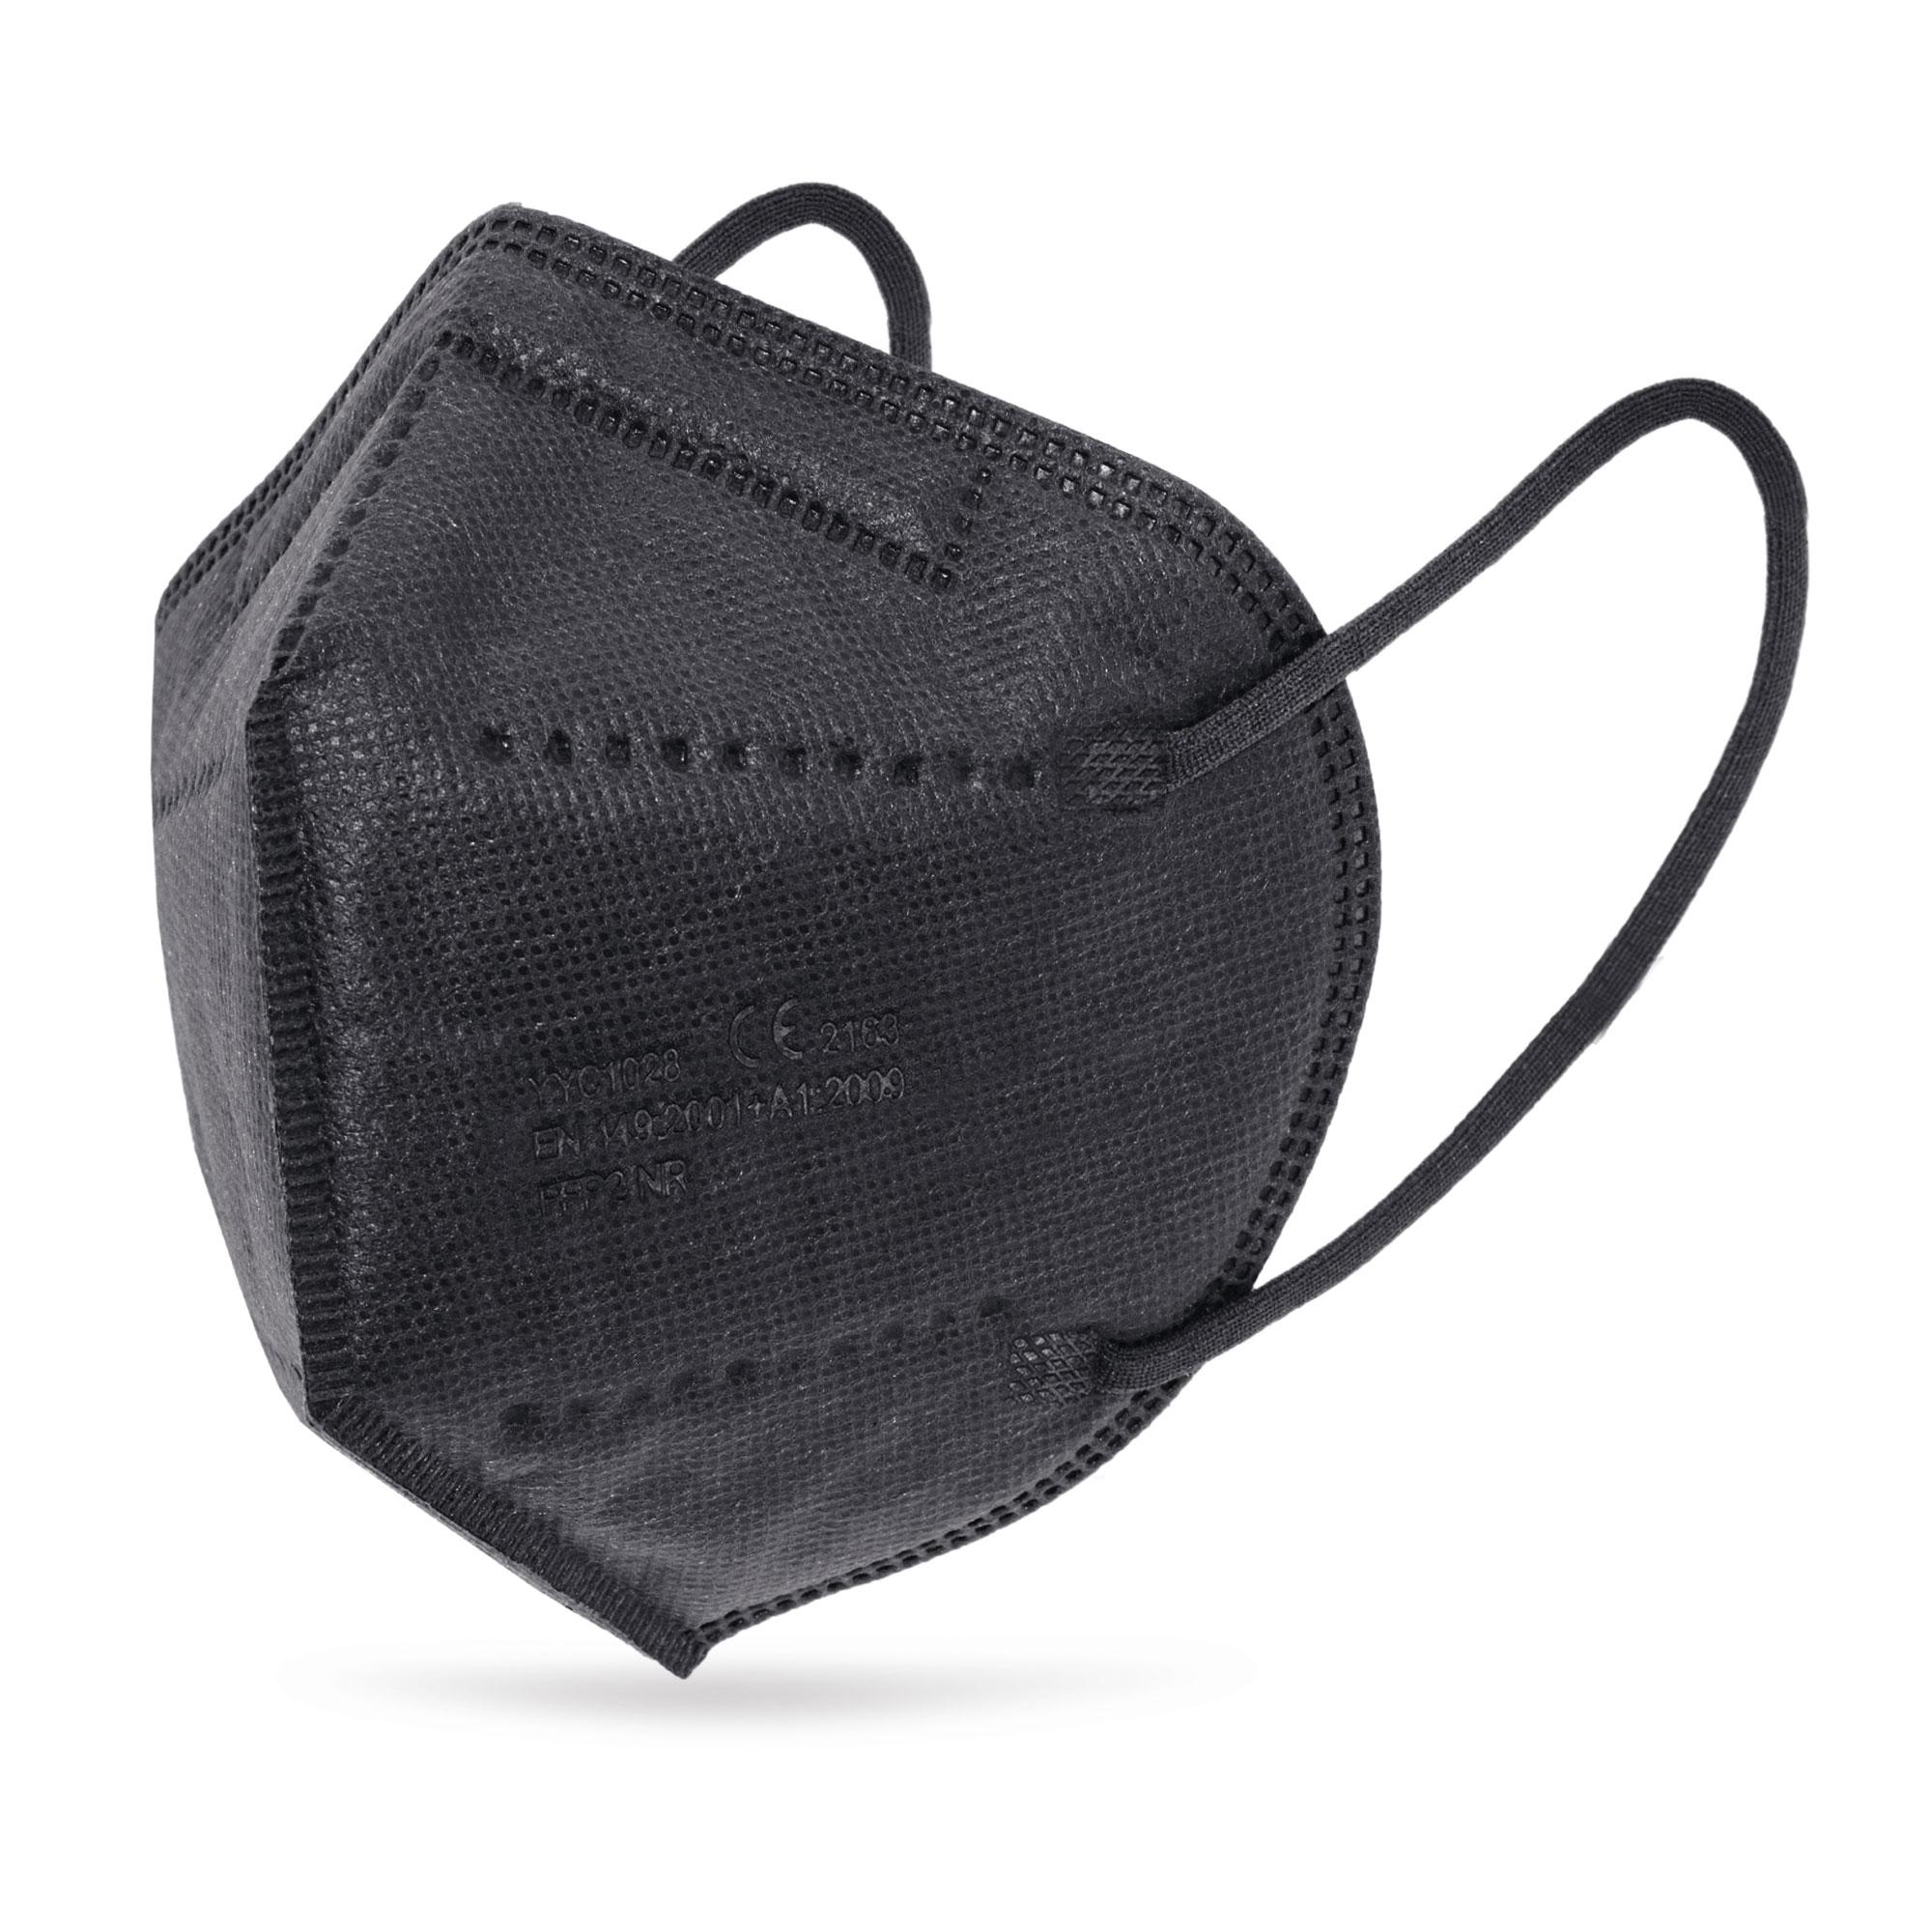 Atemschutzmaske KN95/FFP2 schwarz